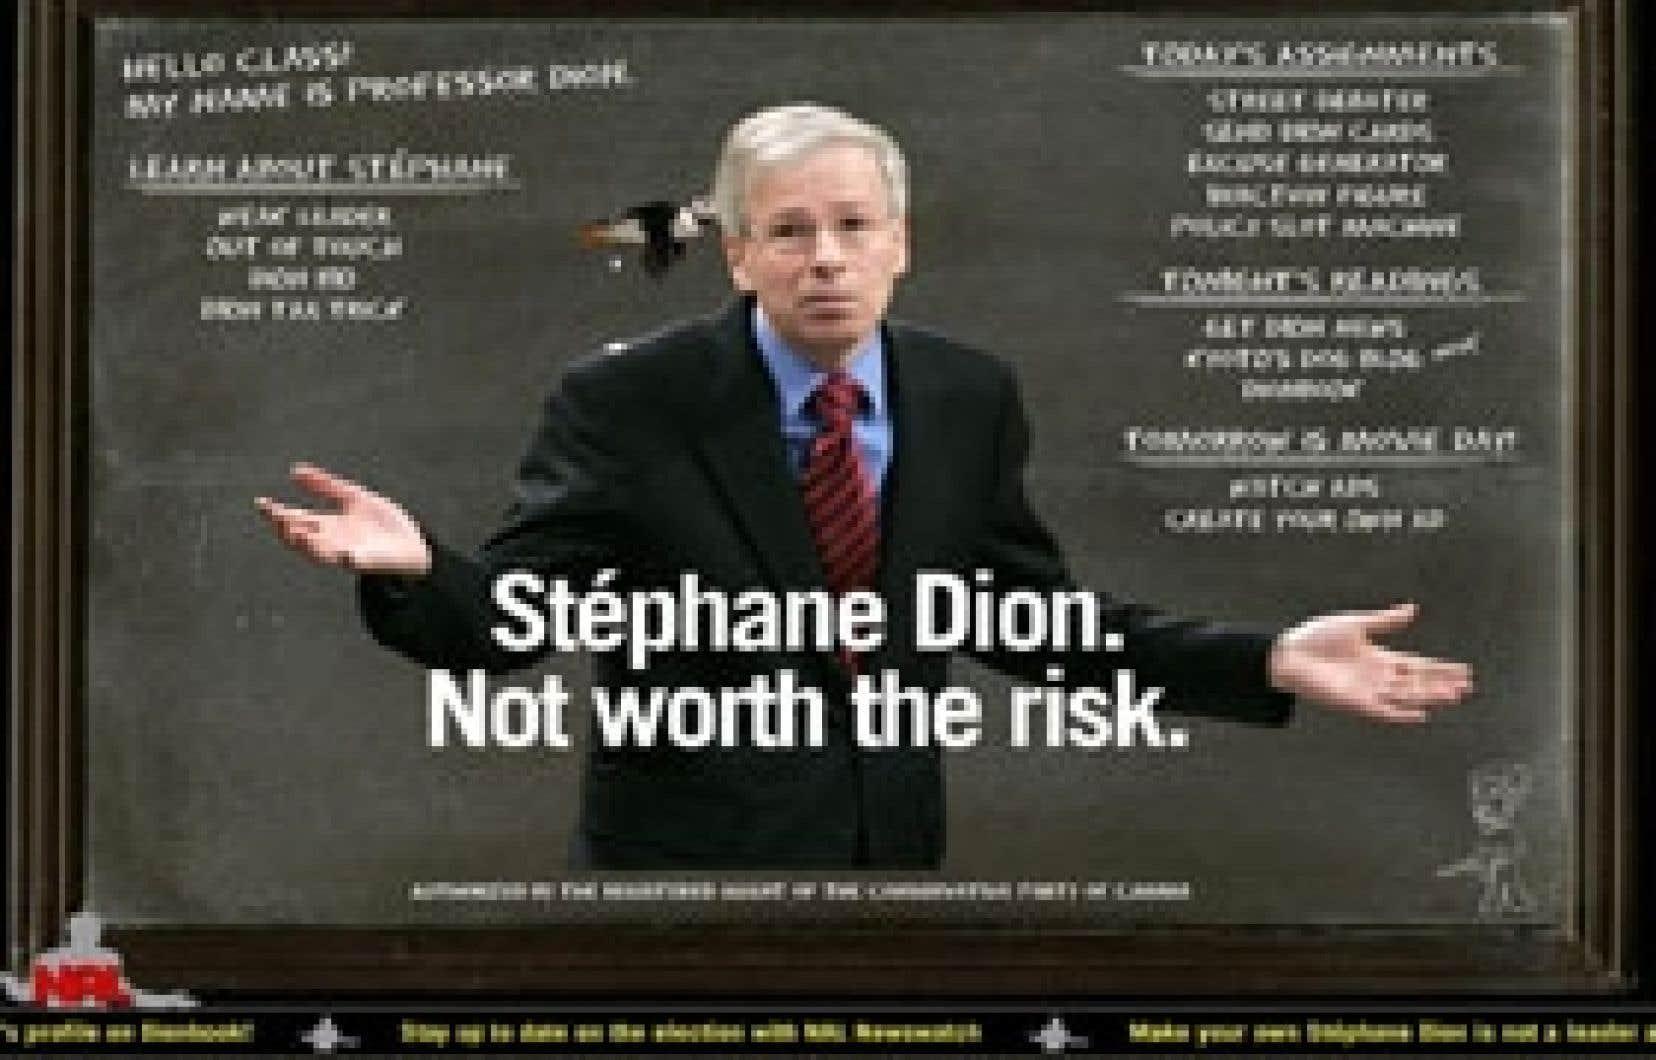 Un oiseau passe et laisse tomber sa fiente dans cette publicité anti-Dion créée sur un site Internet financé par le Parti conservateur. Stephen Harper a présenté ses excuses, et la publicité a été modifiée.